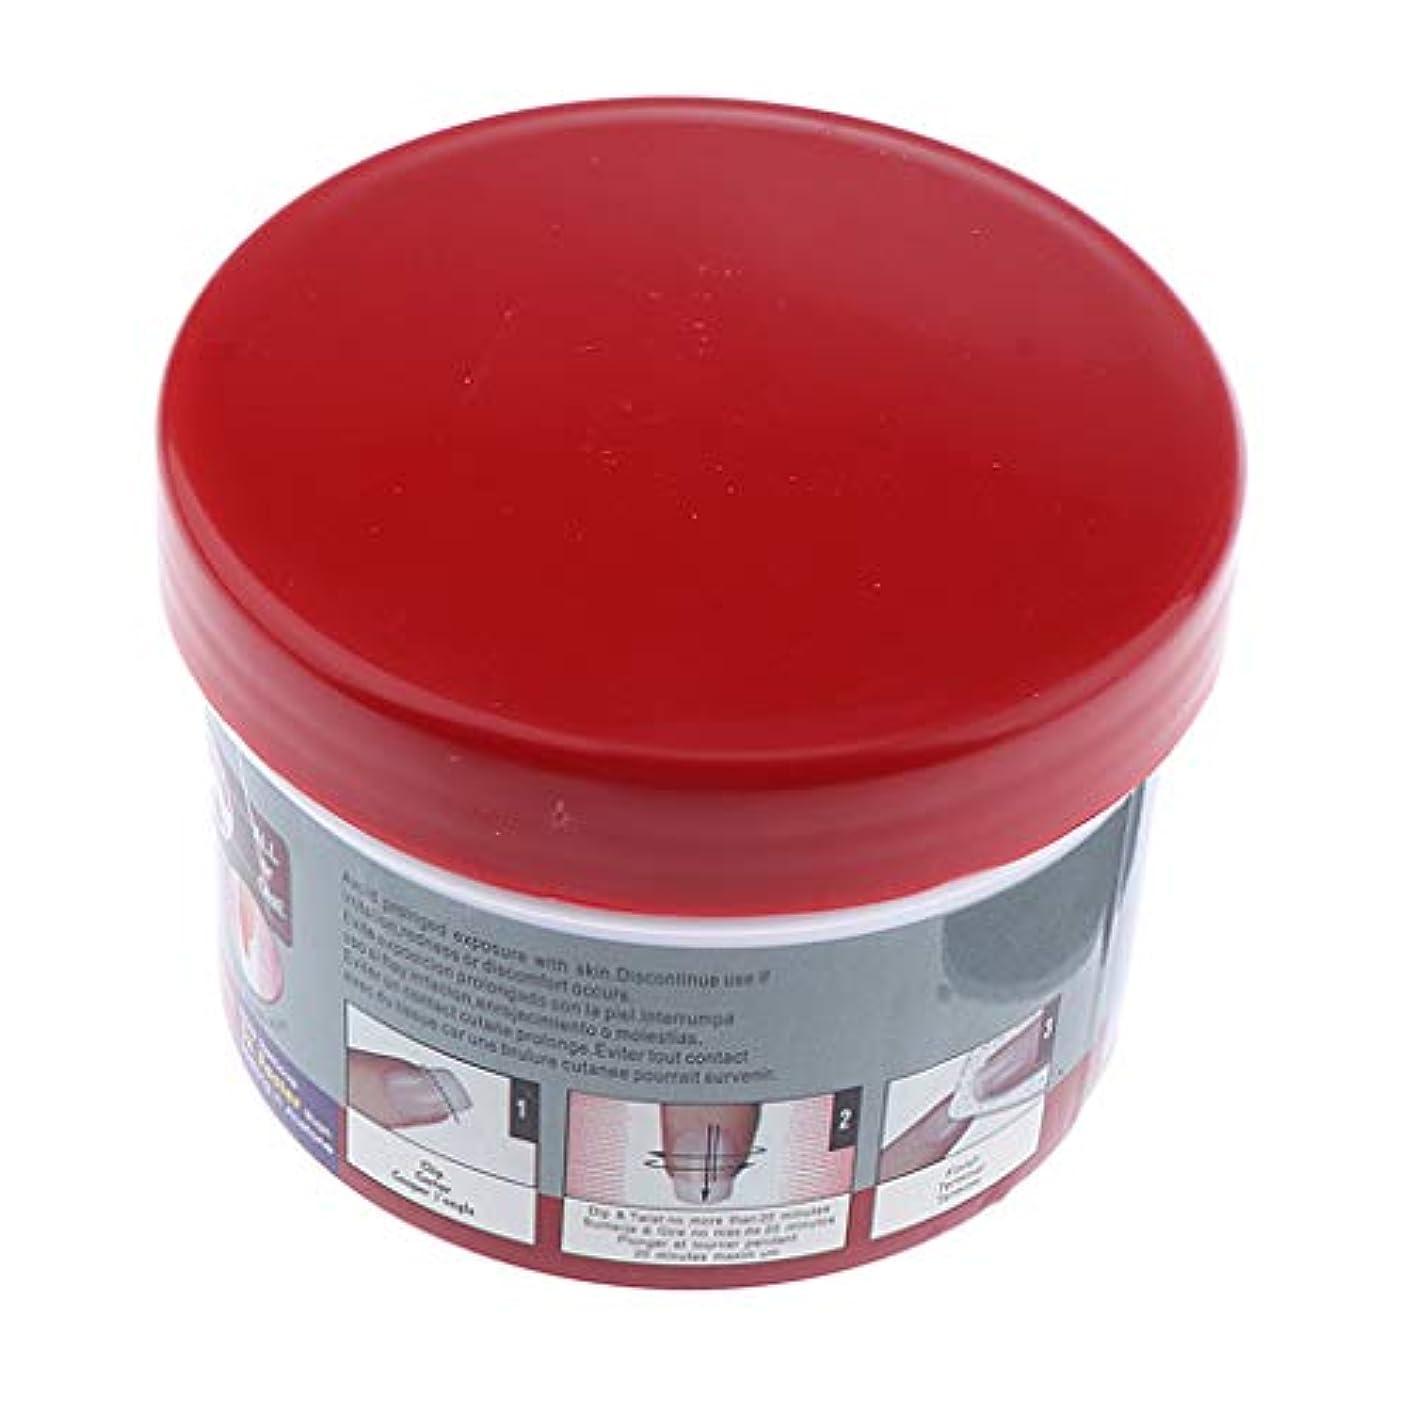 実験的メイドスポーツマンB Baosity マニキュア 除去コンテナツール ネイルアート 耐久性 UVゲル